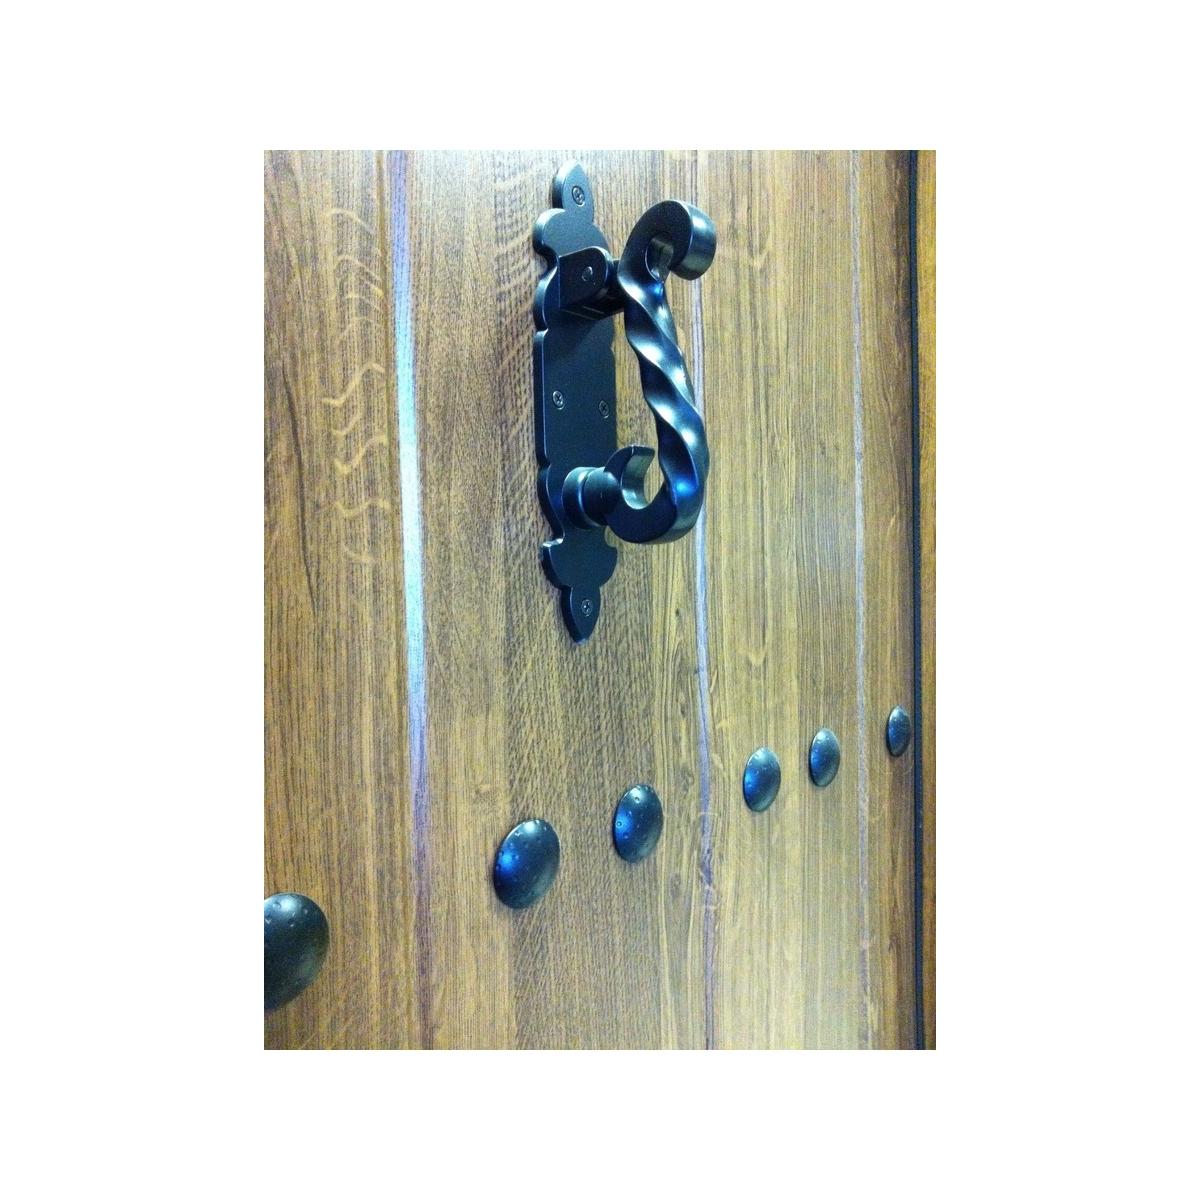 Puerta acorazada Triana Puertas acorazadas Serie B4-BL